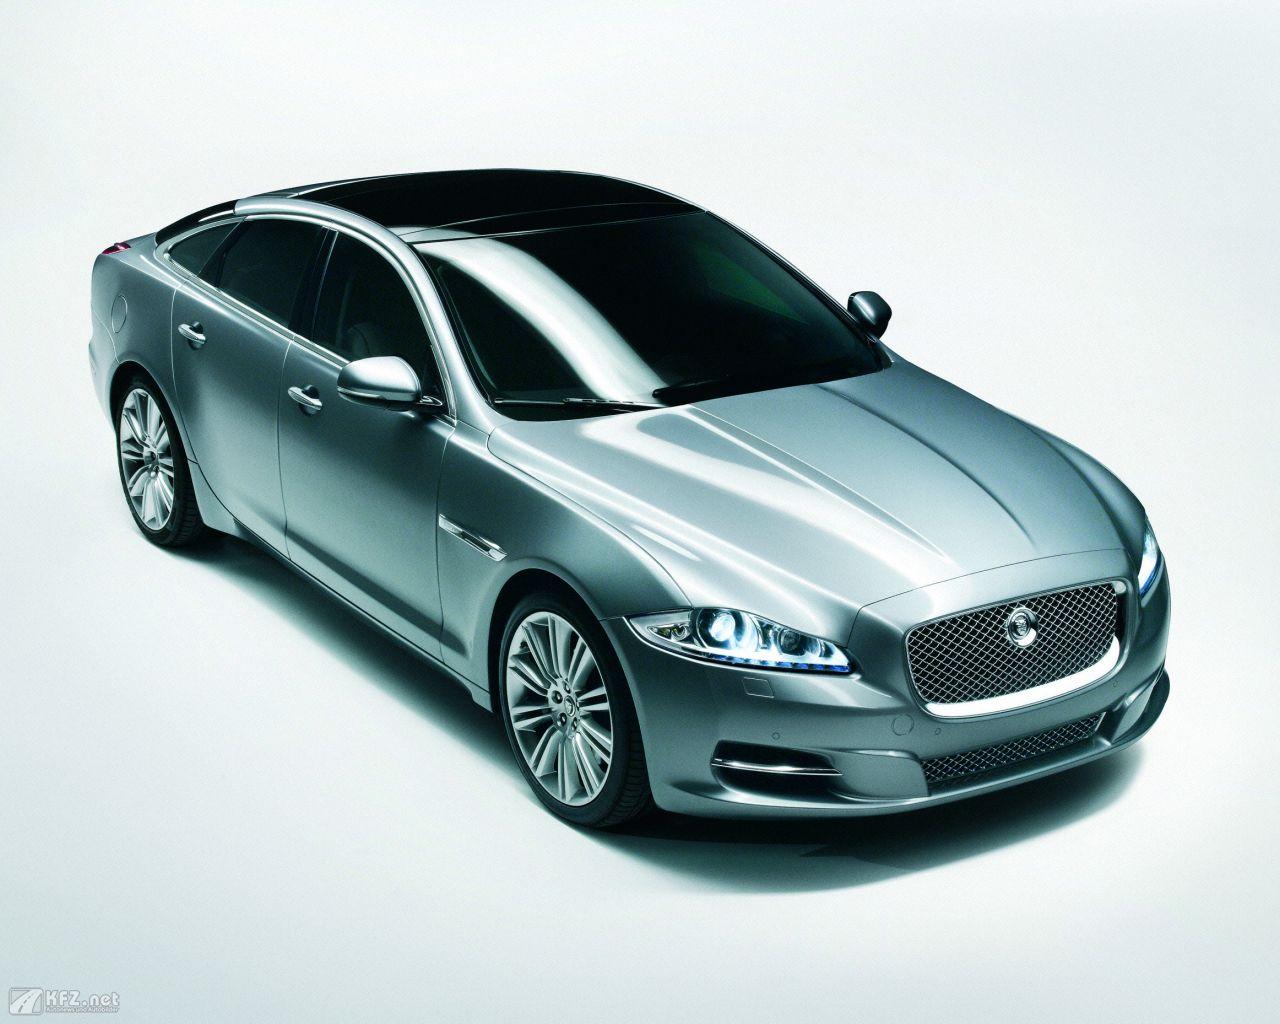 jaguar-xj-1280x1024-13